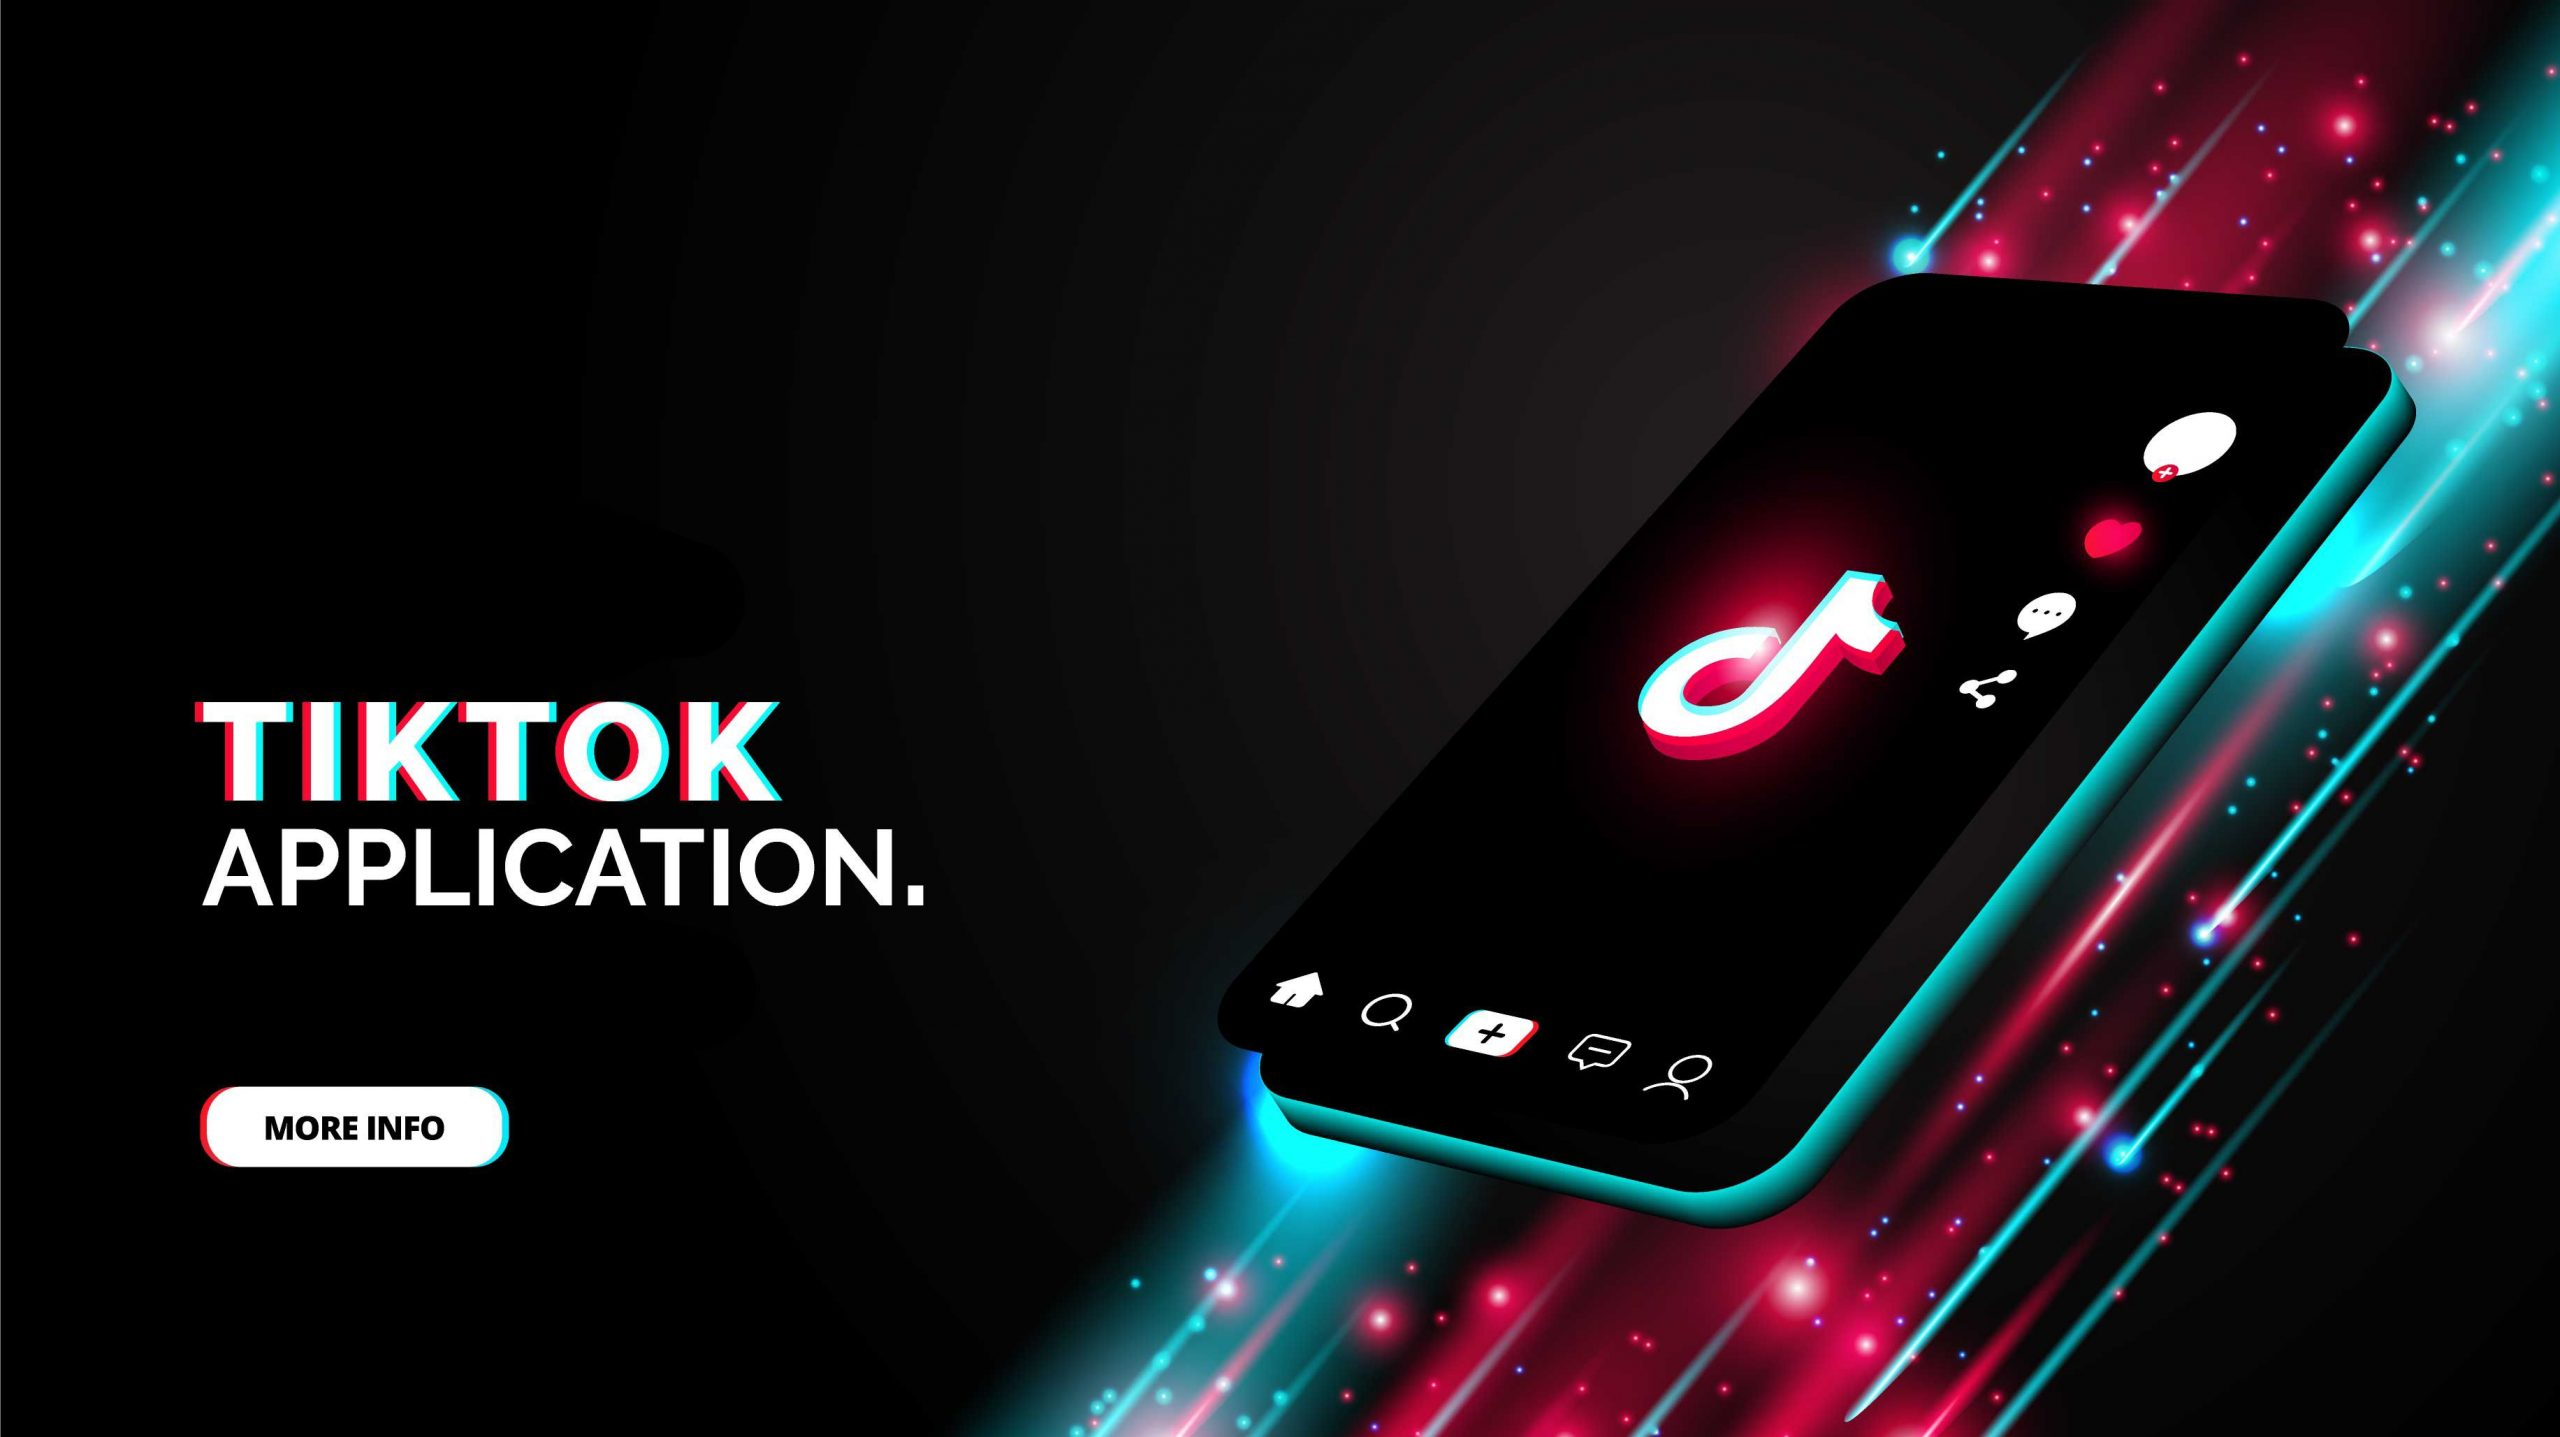 TikTok يطلق برنامج تسويق جديد للمعلنين